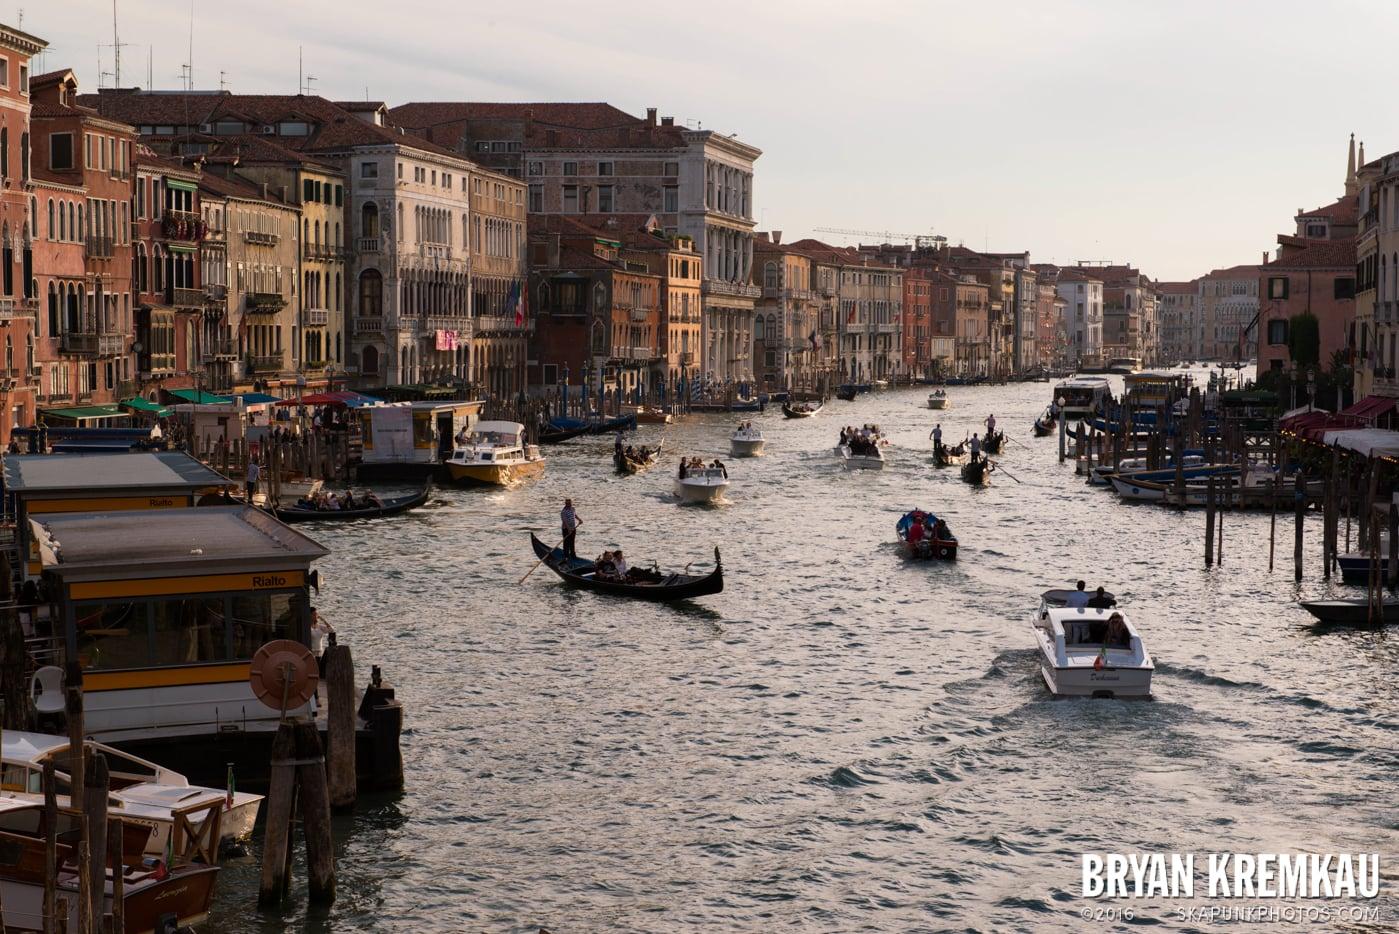 Italy Vacation - Day 6: Murano, Burano, Venice - 9.14.13 (16)